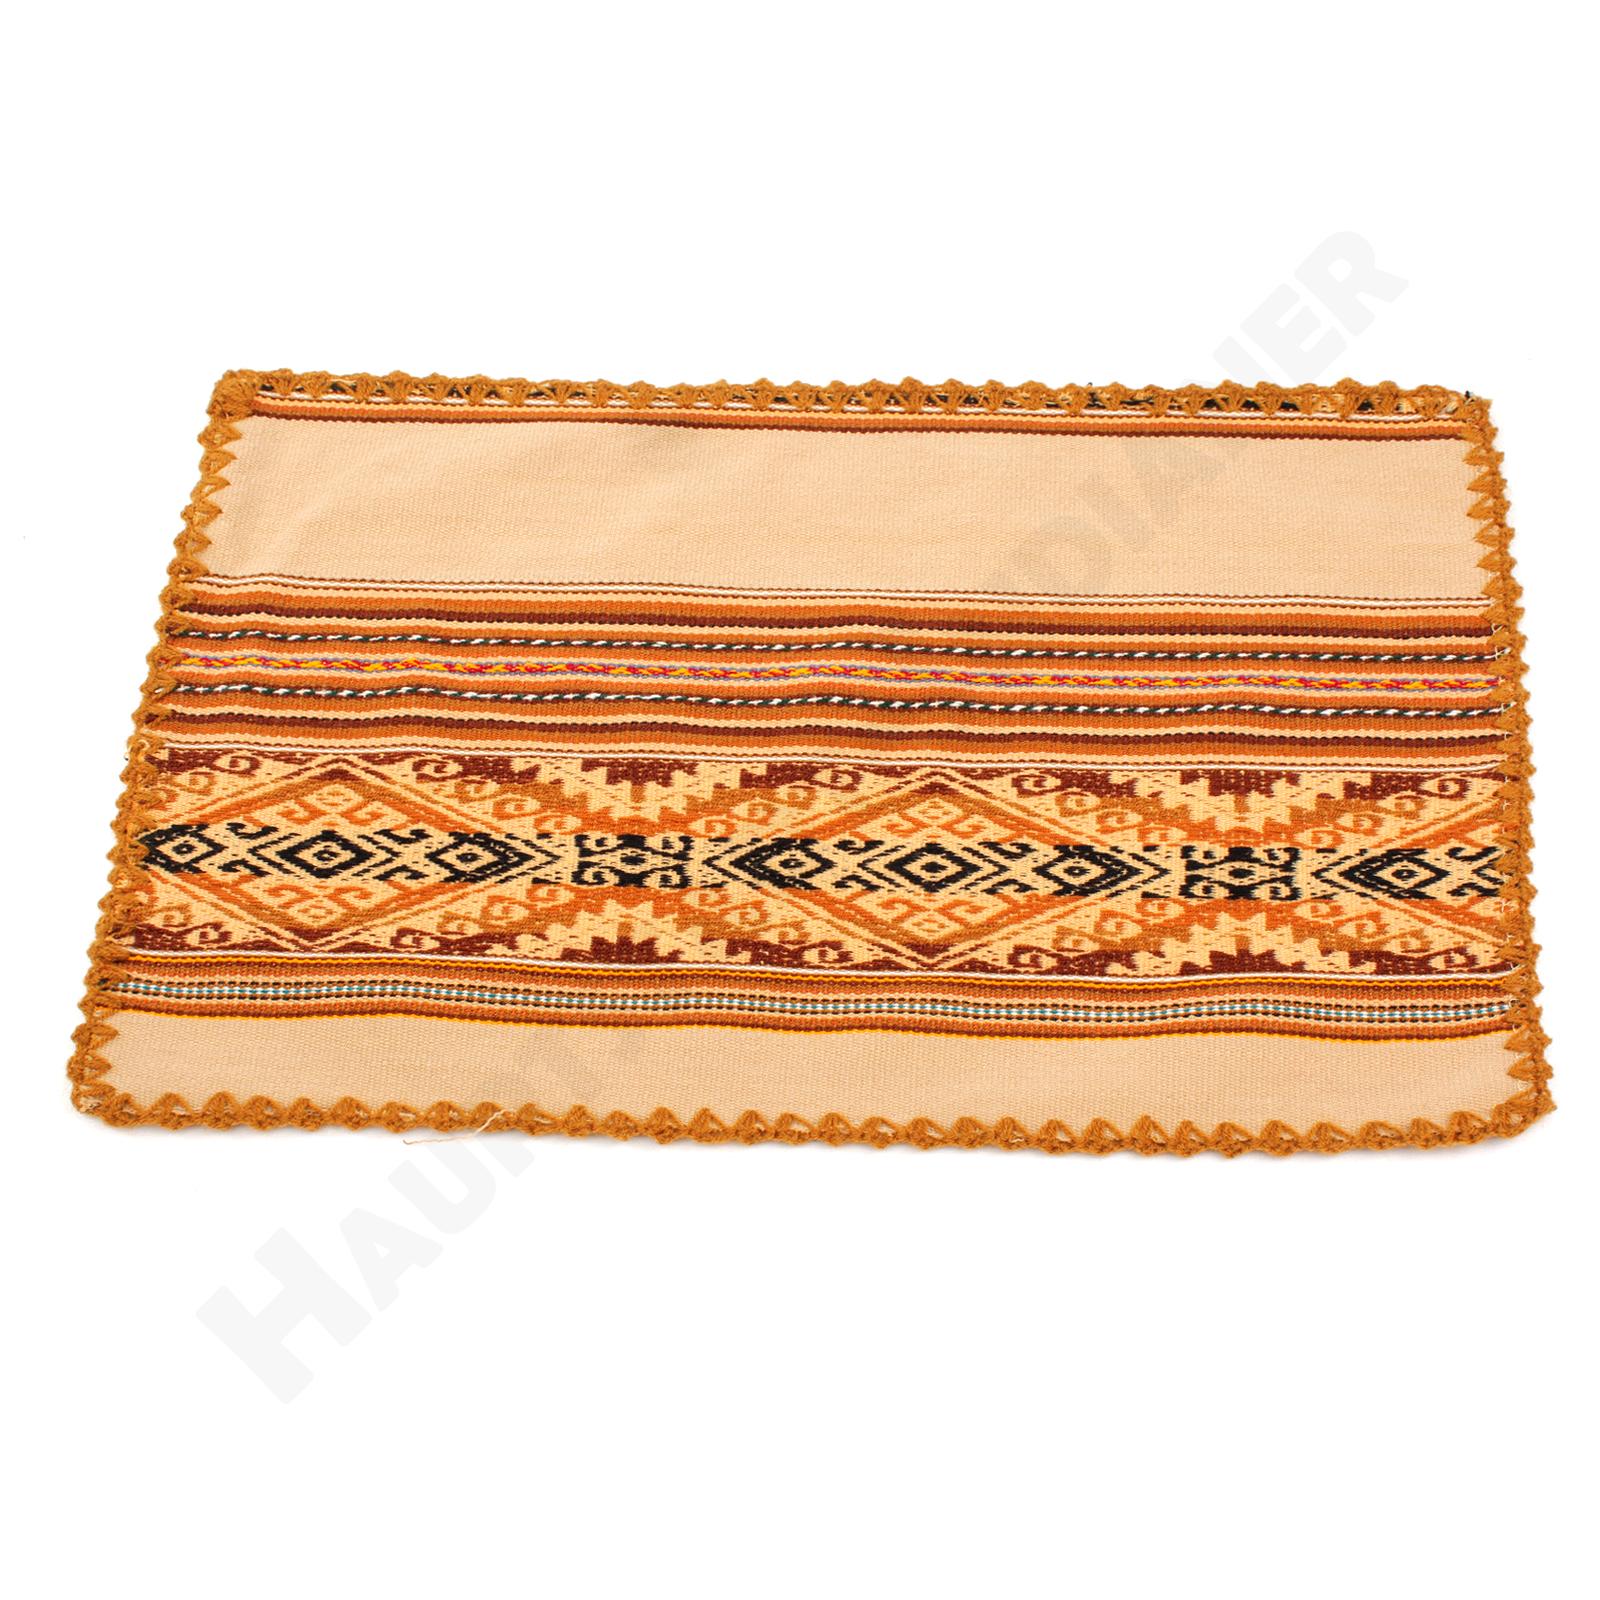 Tischset Altarteppich Teppich Handarbeit Direktimport Peru